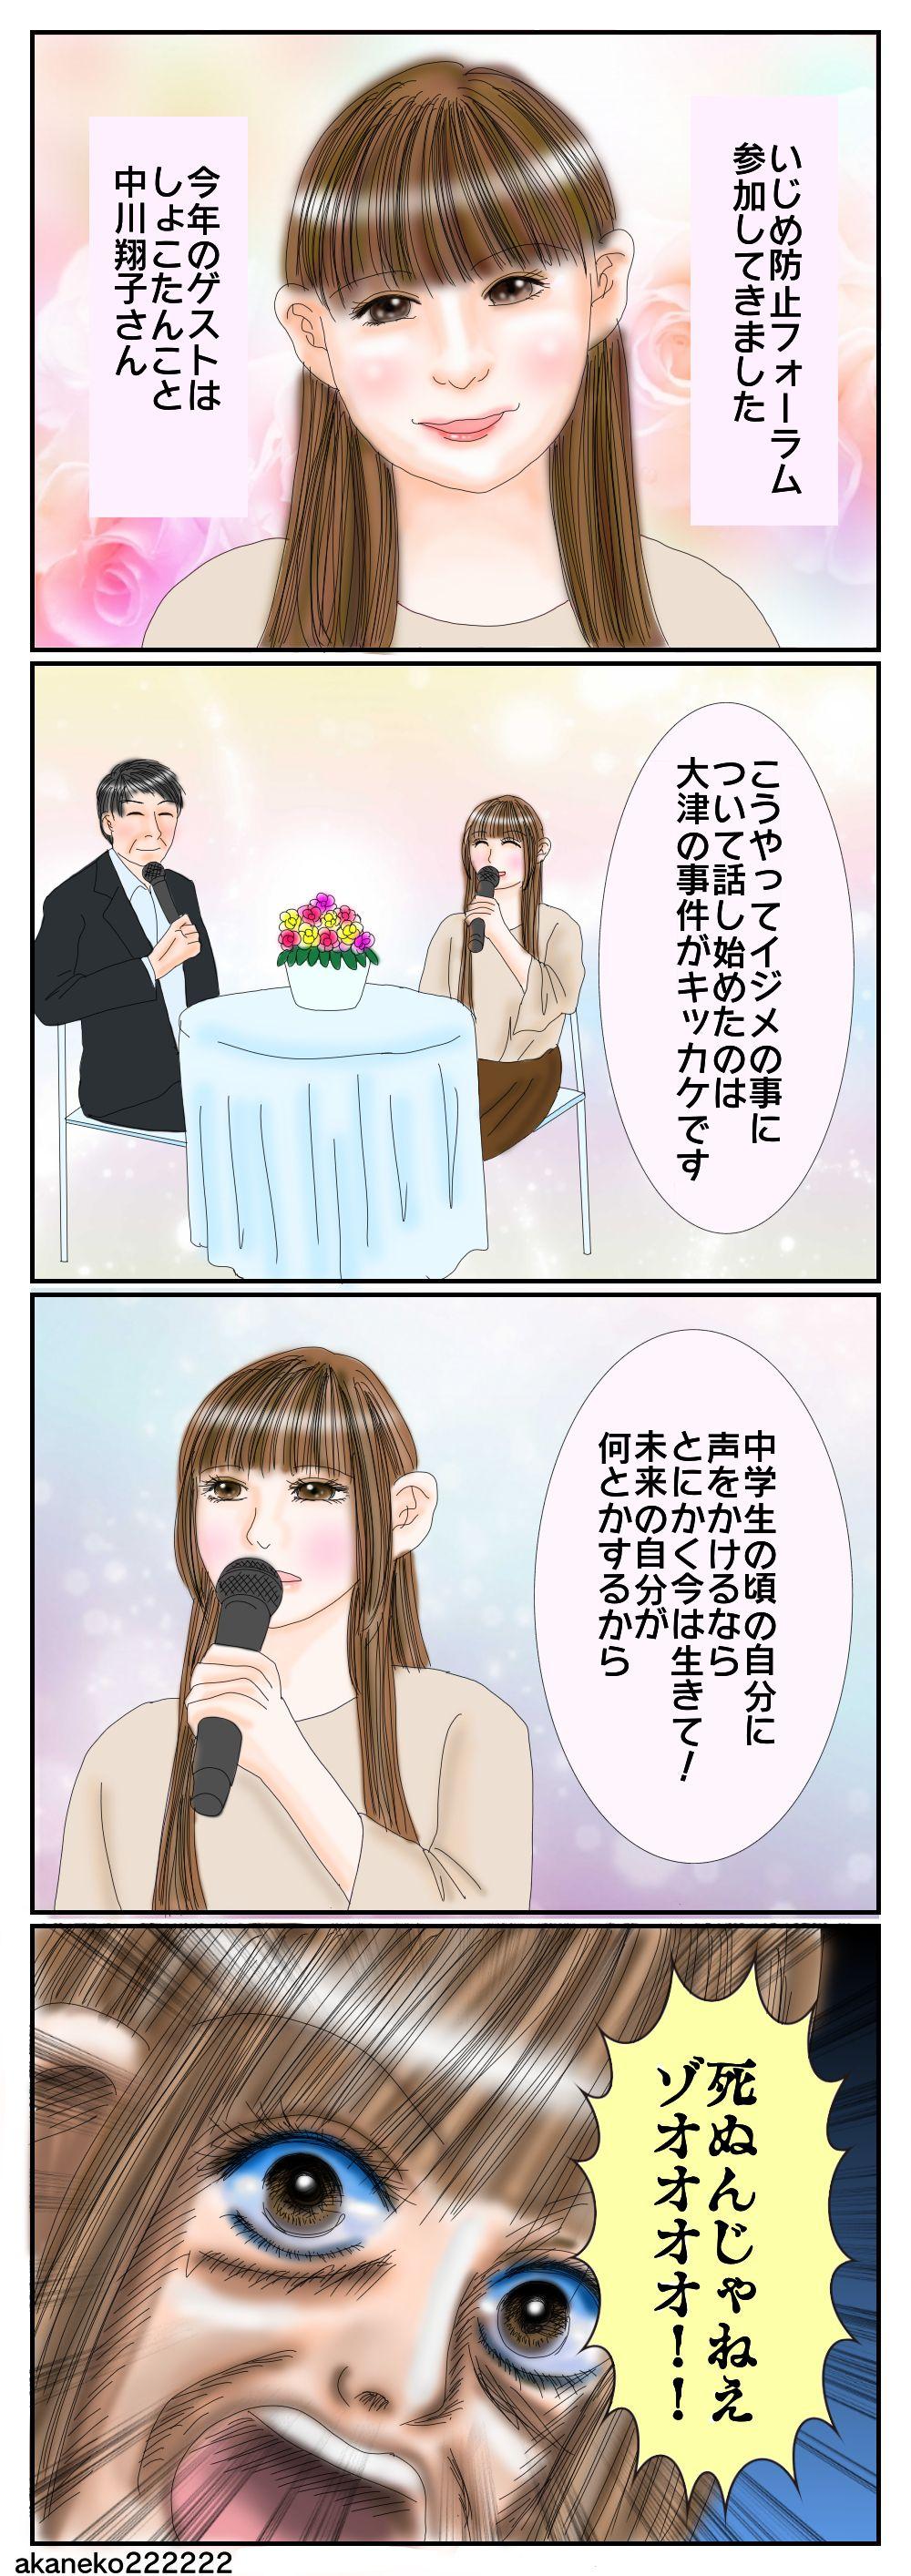 中川翔子さん(しょこたん)